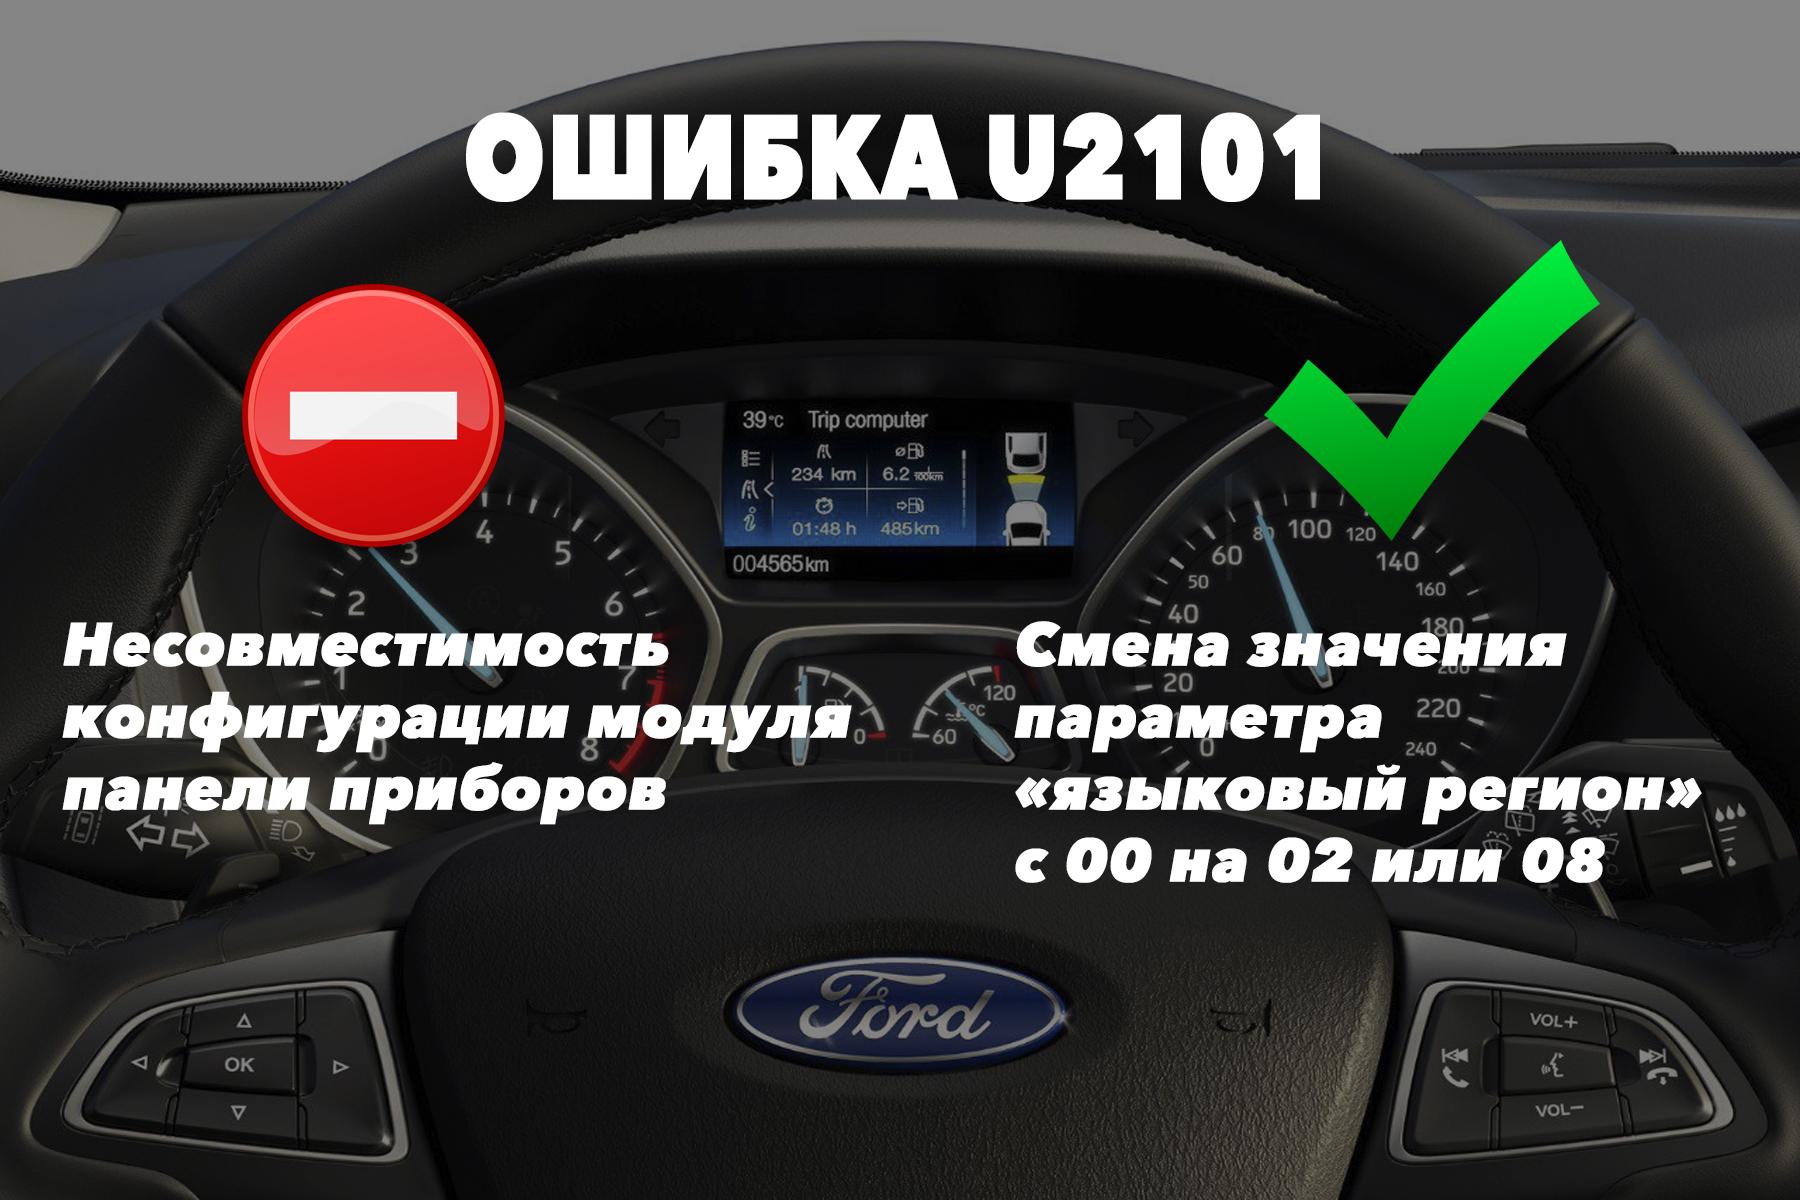 U2101 – несовместимость конфигурации